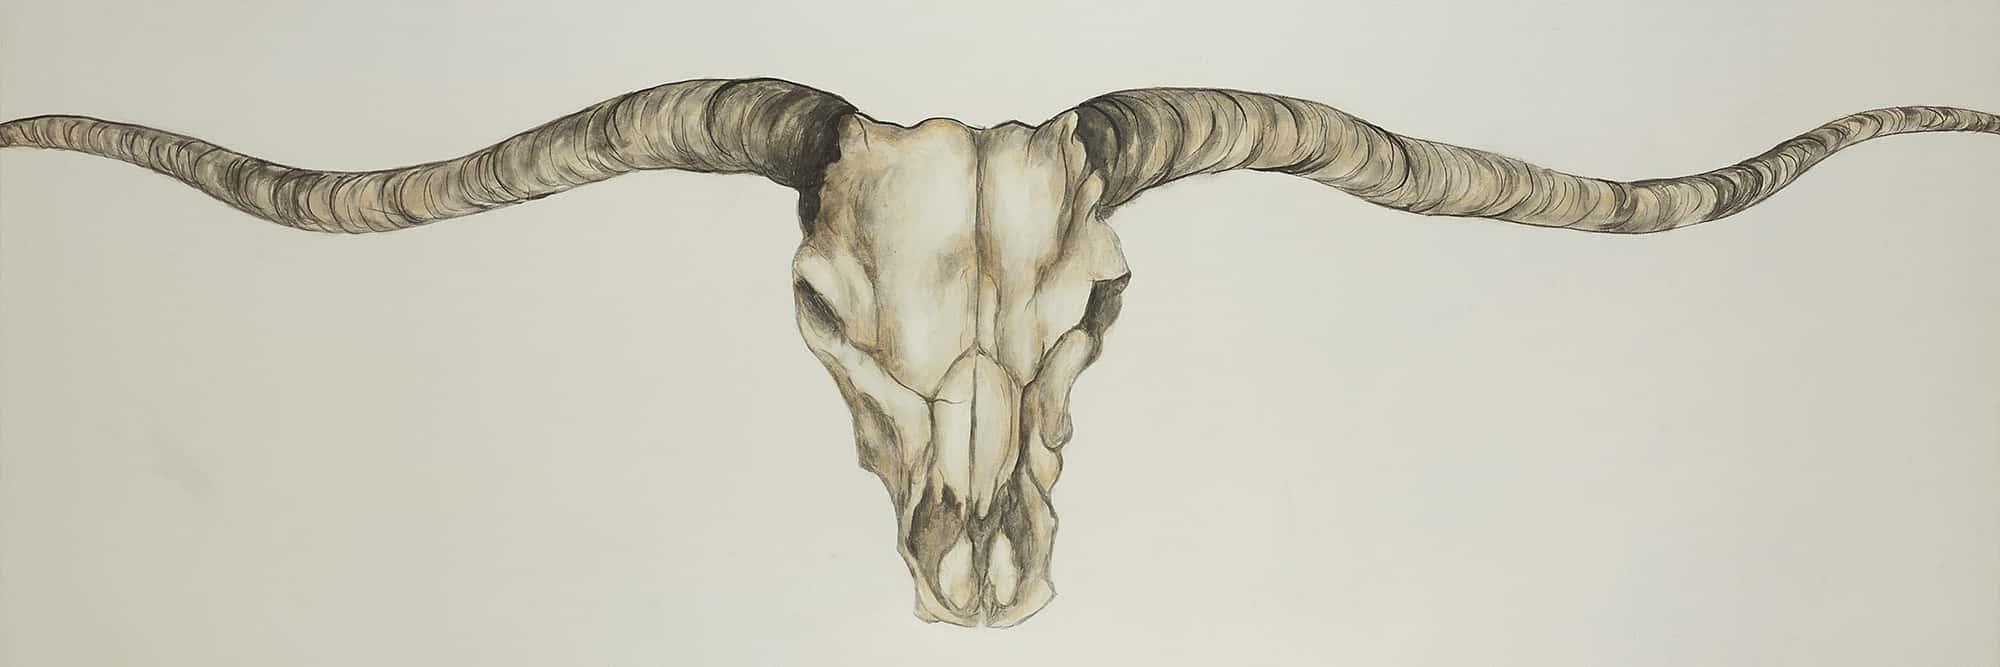 Crâne à longues cornes de style western